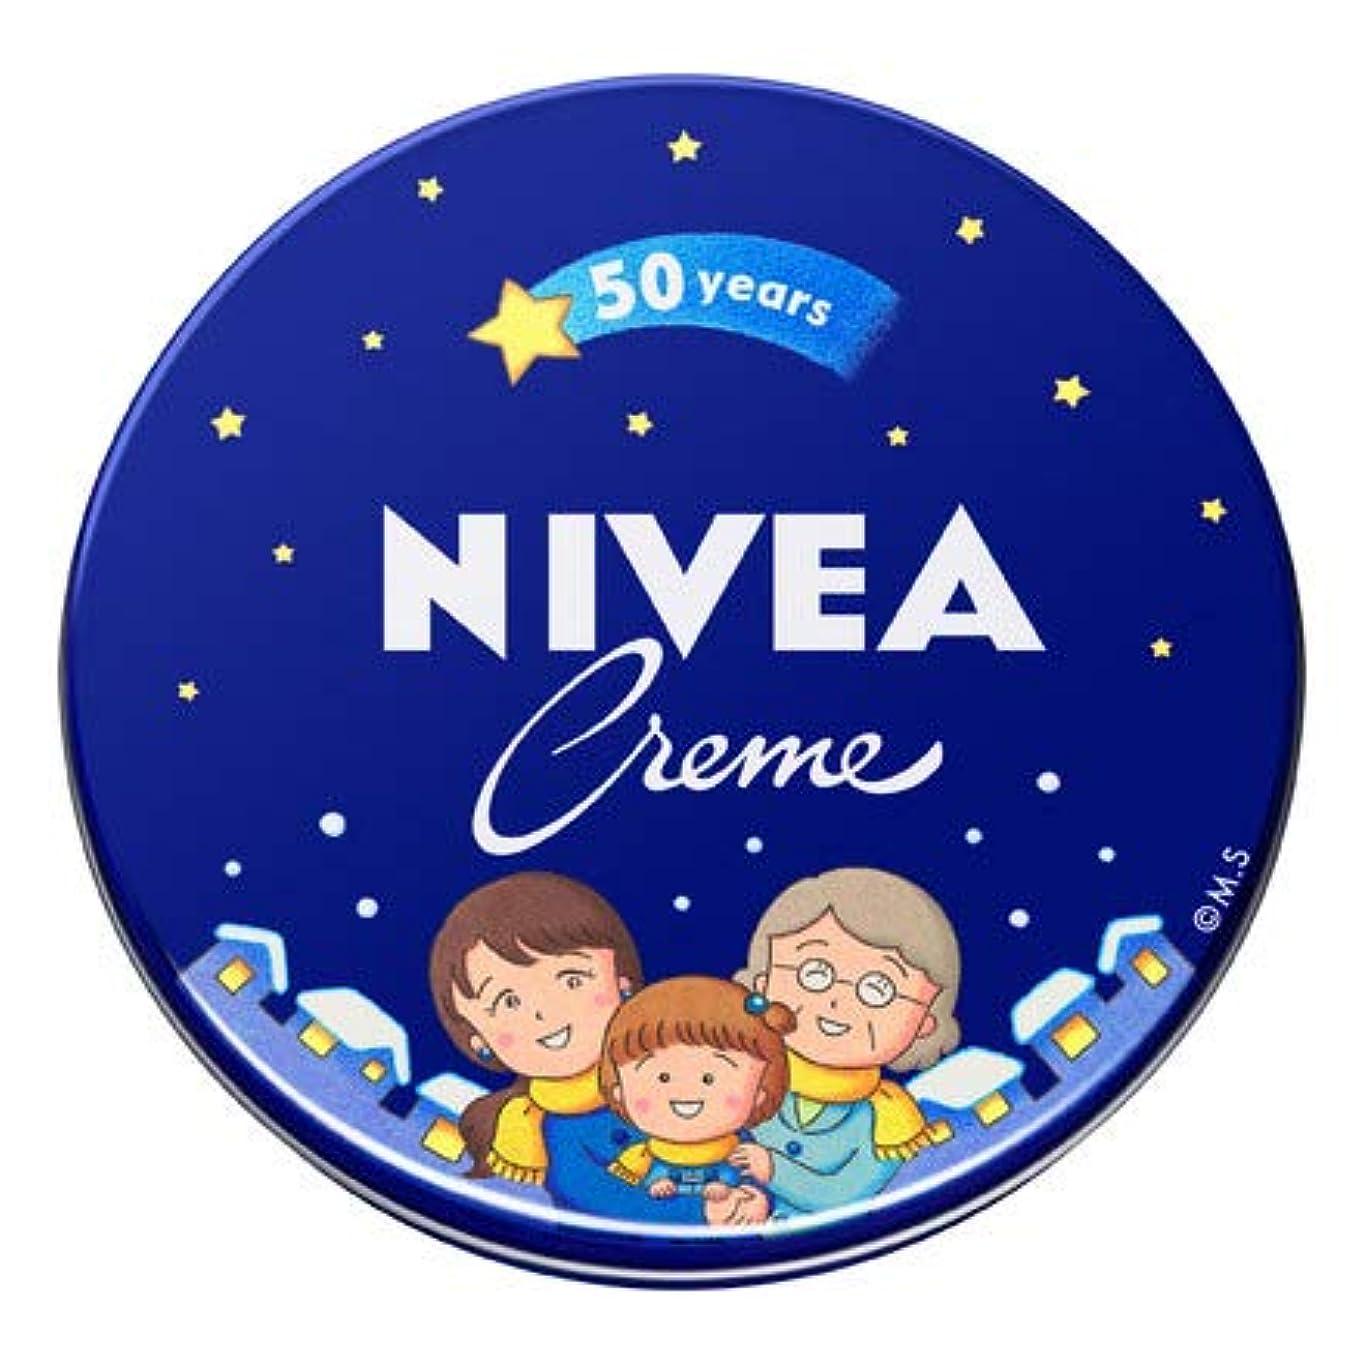 連鎖長椅子審判NIVEA ニベアクリーム 中缶 56g さくらももこ限定デザイン